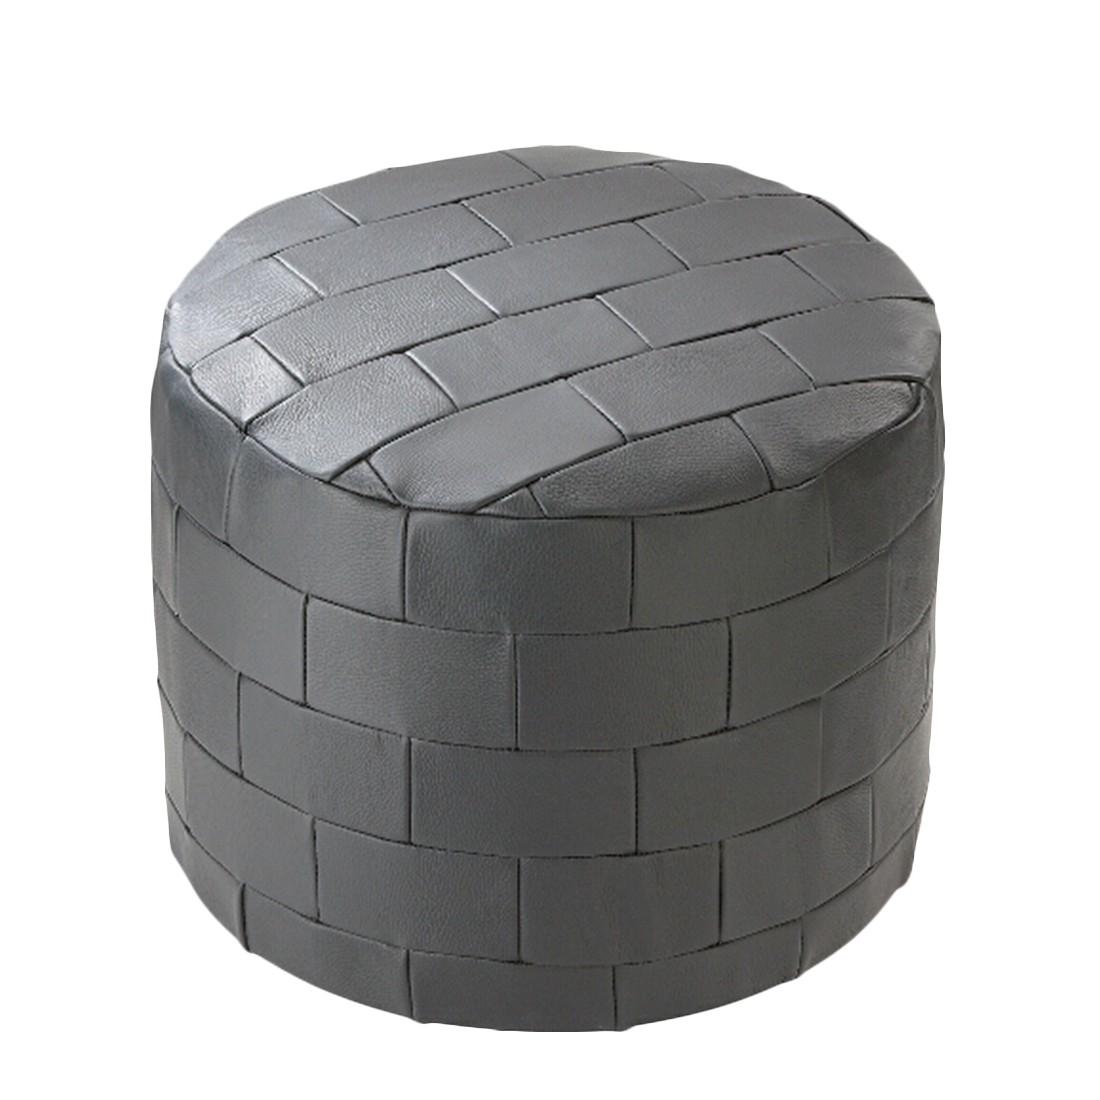 Möbelhocker rund  Echt Leder Patchwork schwarz – 50 x 50 cm, KC-Handel jetzt bestellen